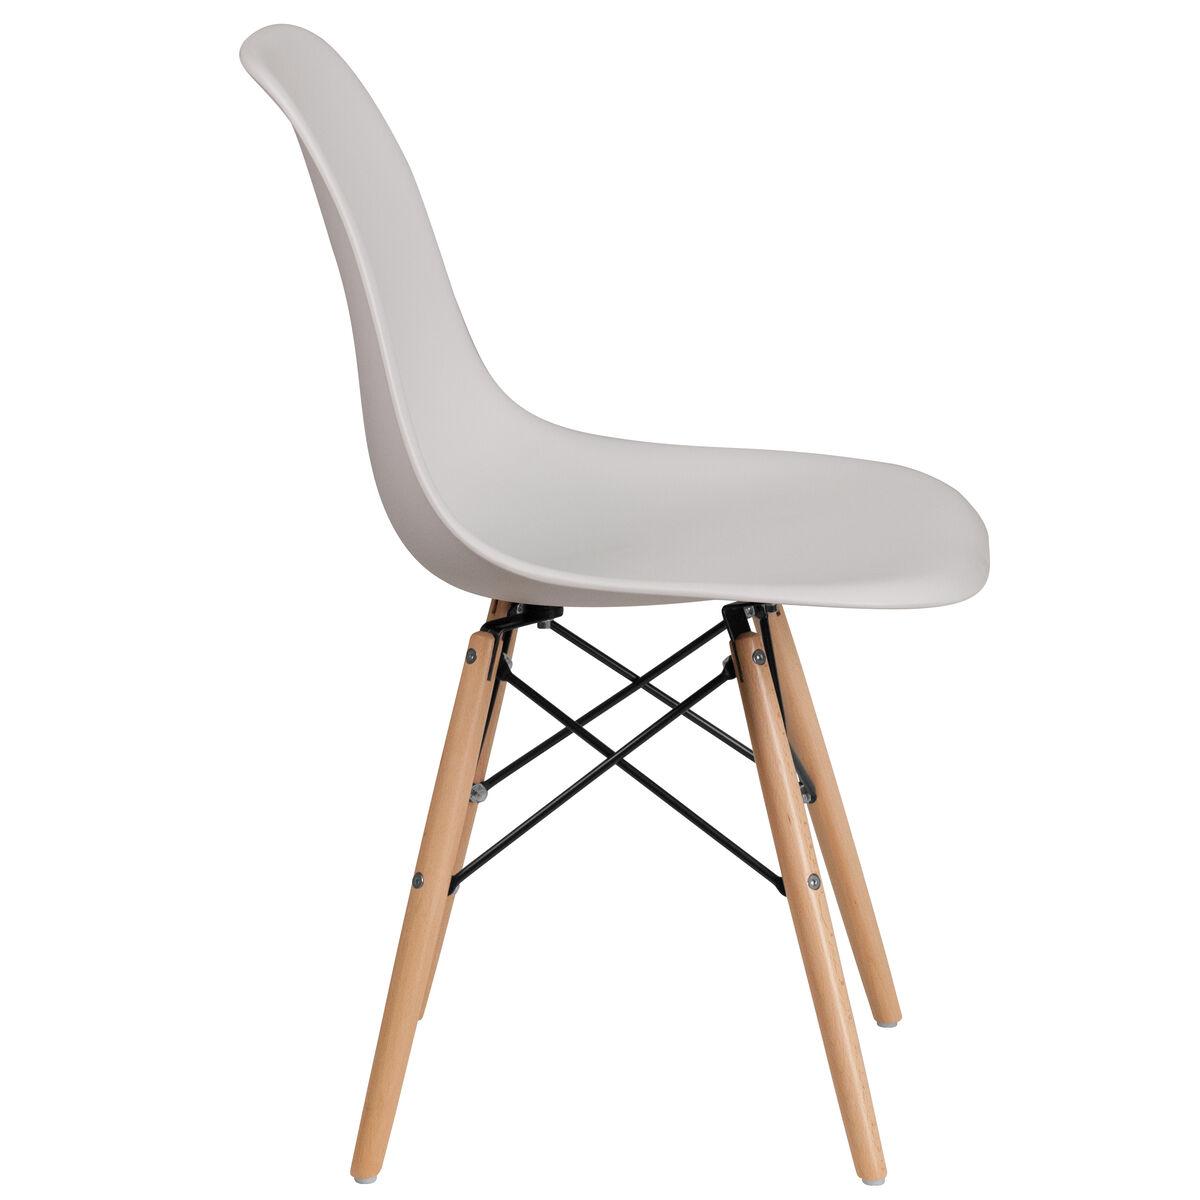 White Plastic Wood Chair Fh 130 Dpp Wh Gg Bizchair Com